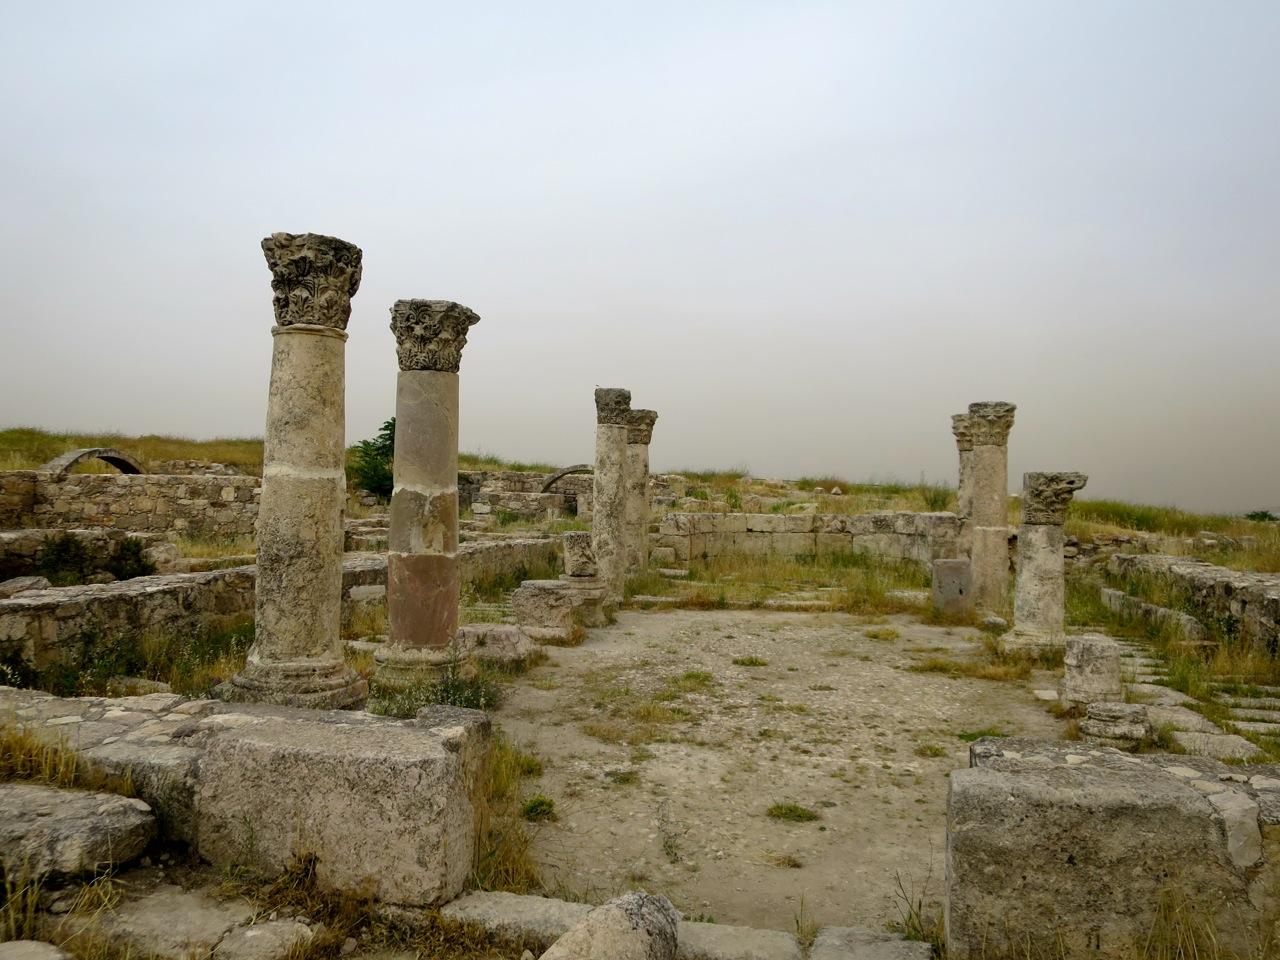 Amman 1-15